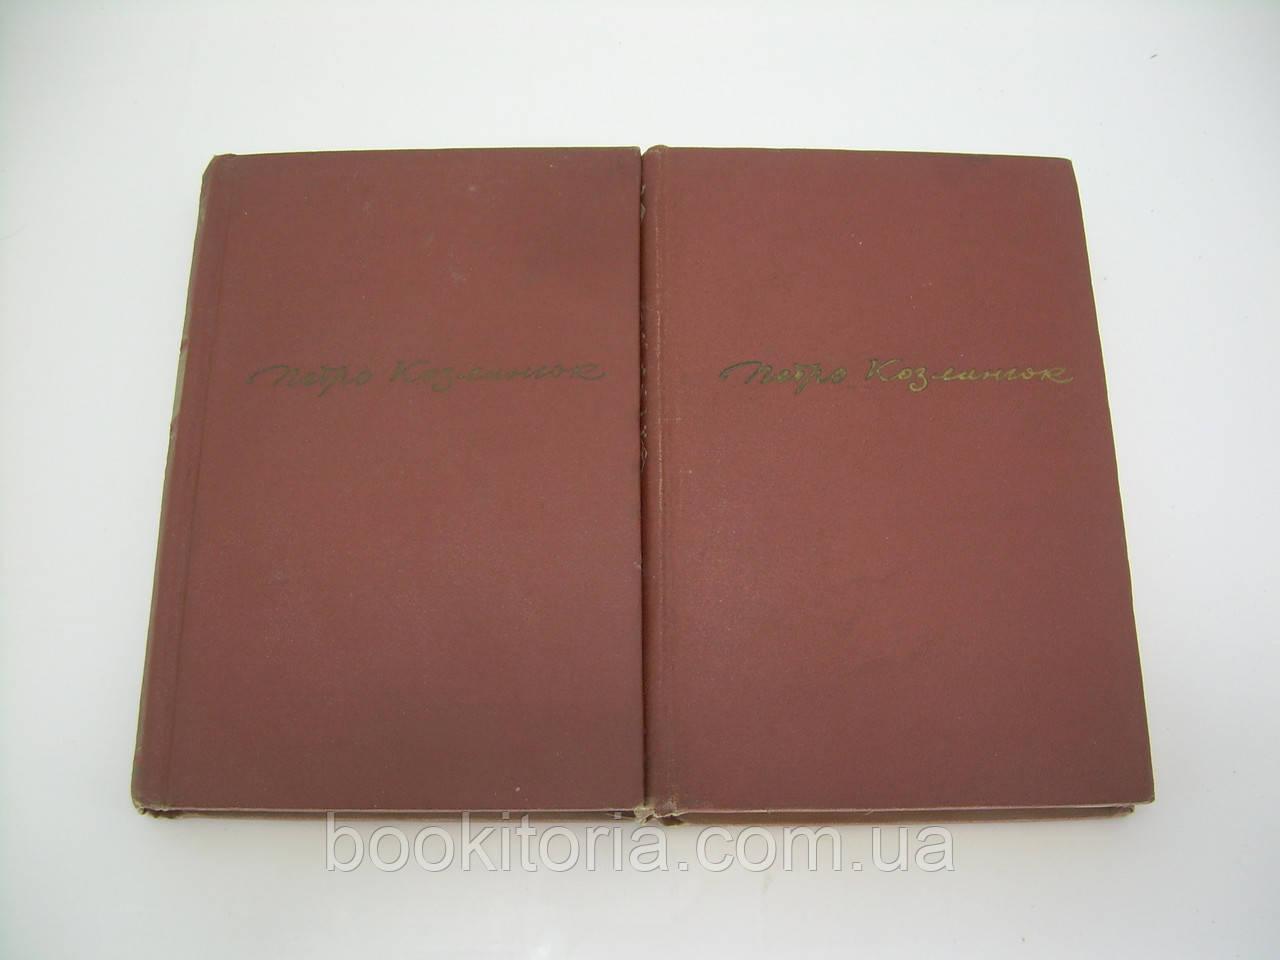 Козланюк П. Твори в двох томах (б/у).